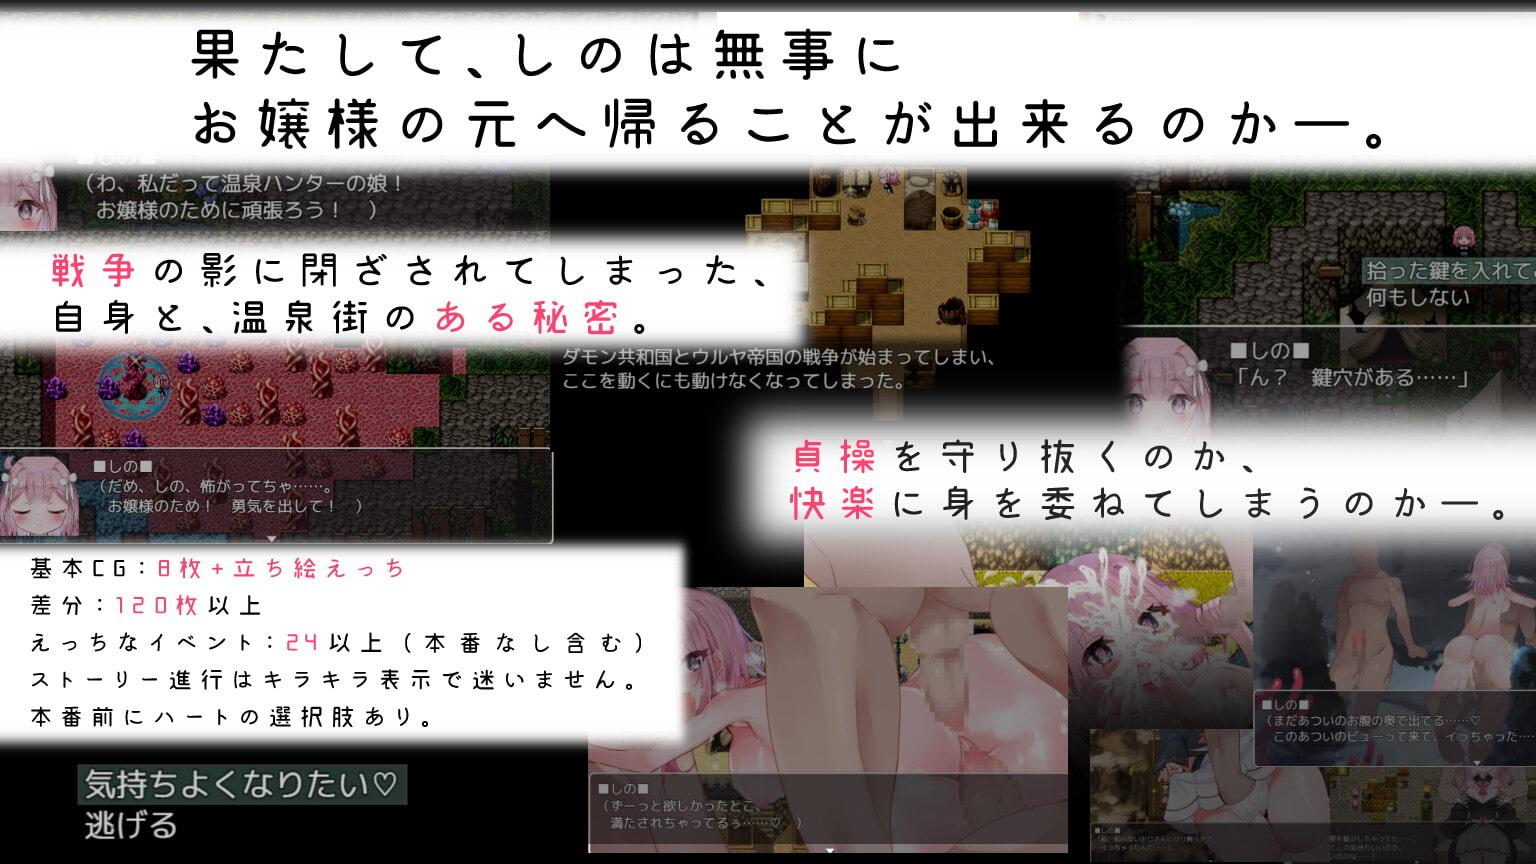 温泉ハンターしの~箱入り娘の催淫温泉開拓記~4